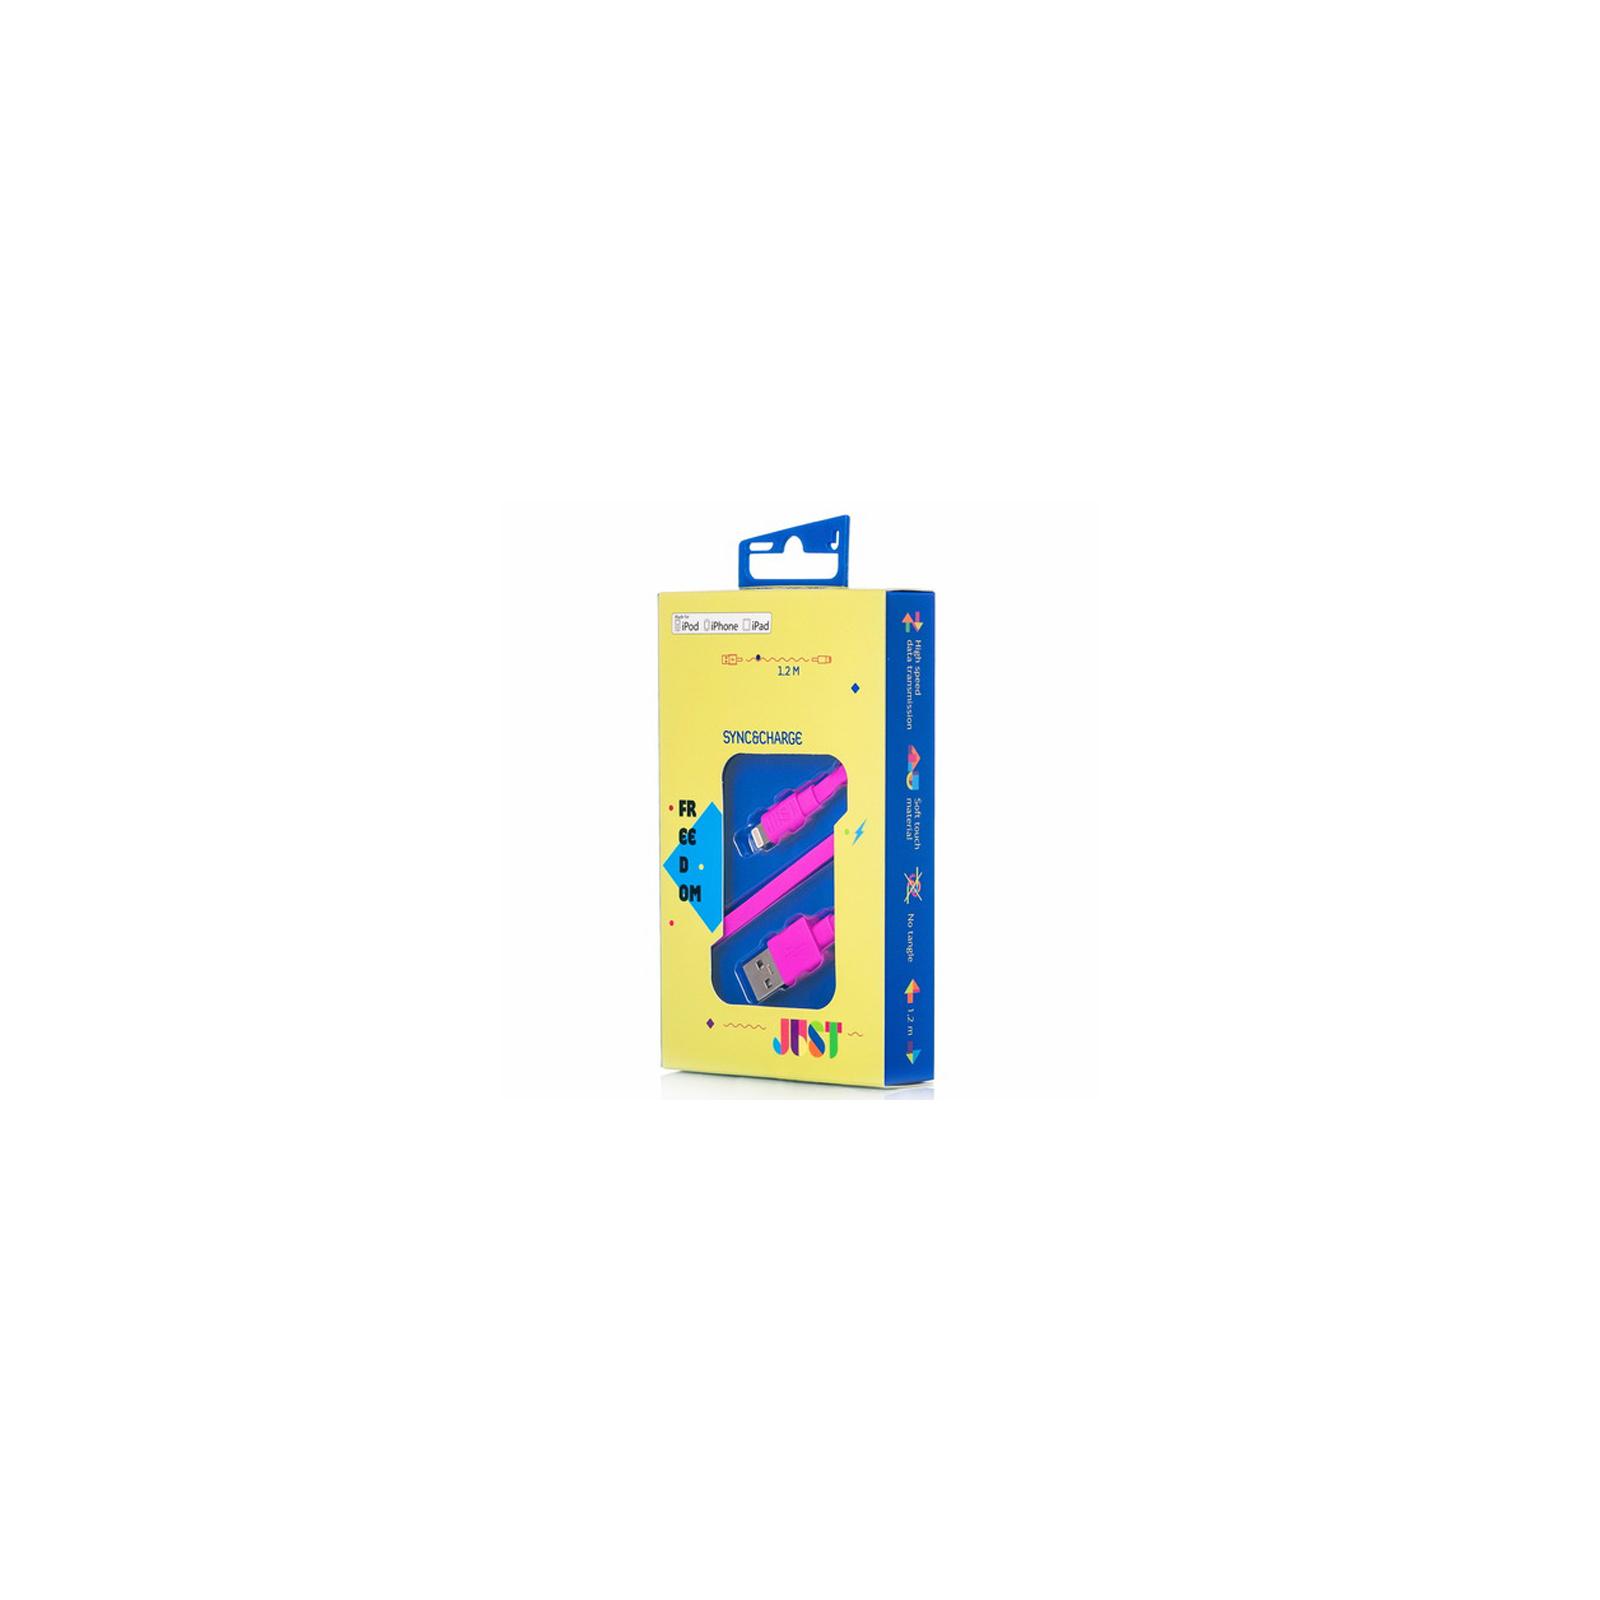 Дата кабель JUST Freedom Lightning USB Cable Pink (LGTNG-FRDM-PNK) изображение 3